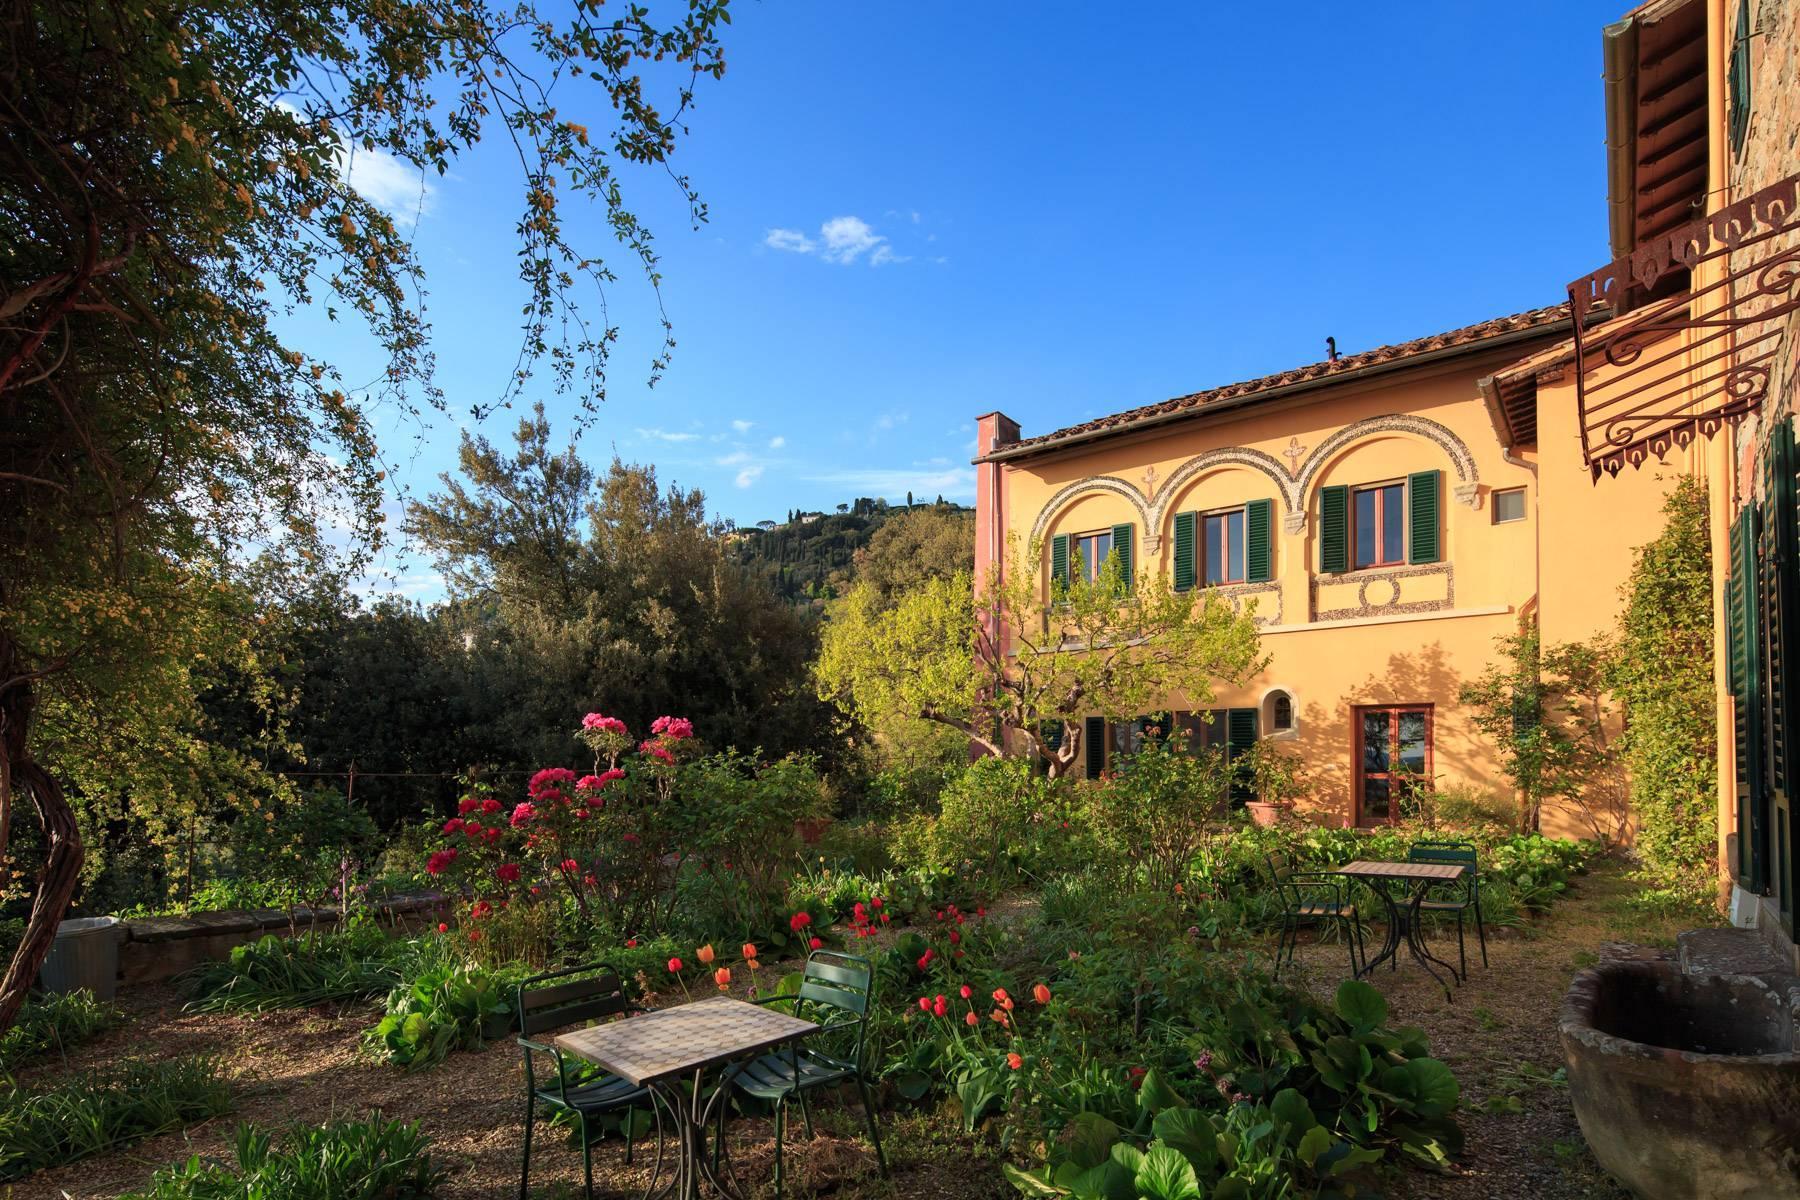 Große historische Villa in Fiesole mit einem unvergleichlichen Blick auf Florenz - 7